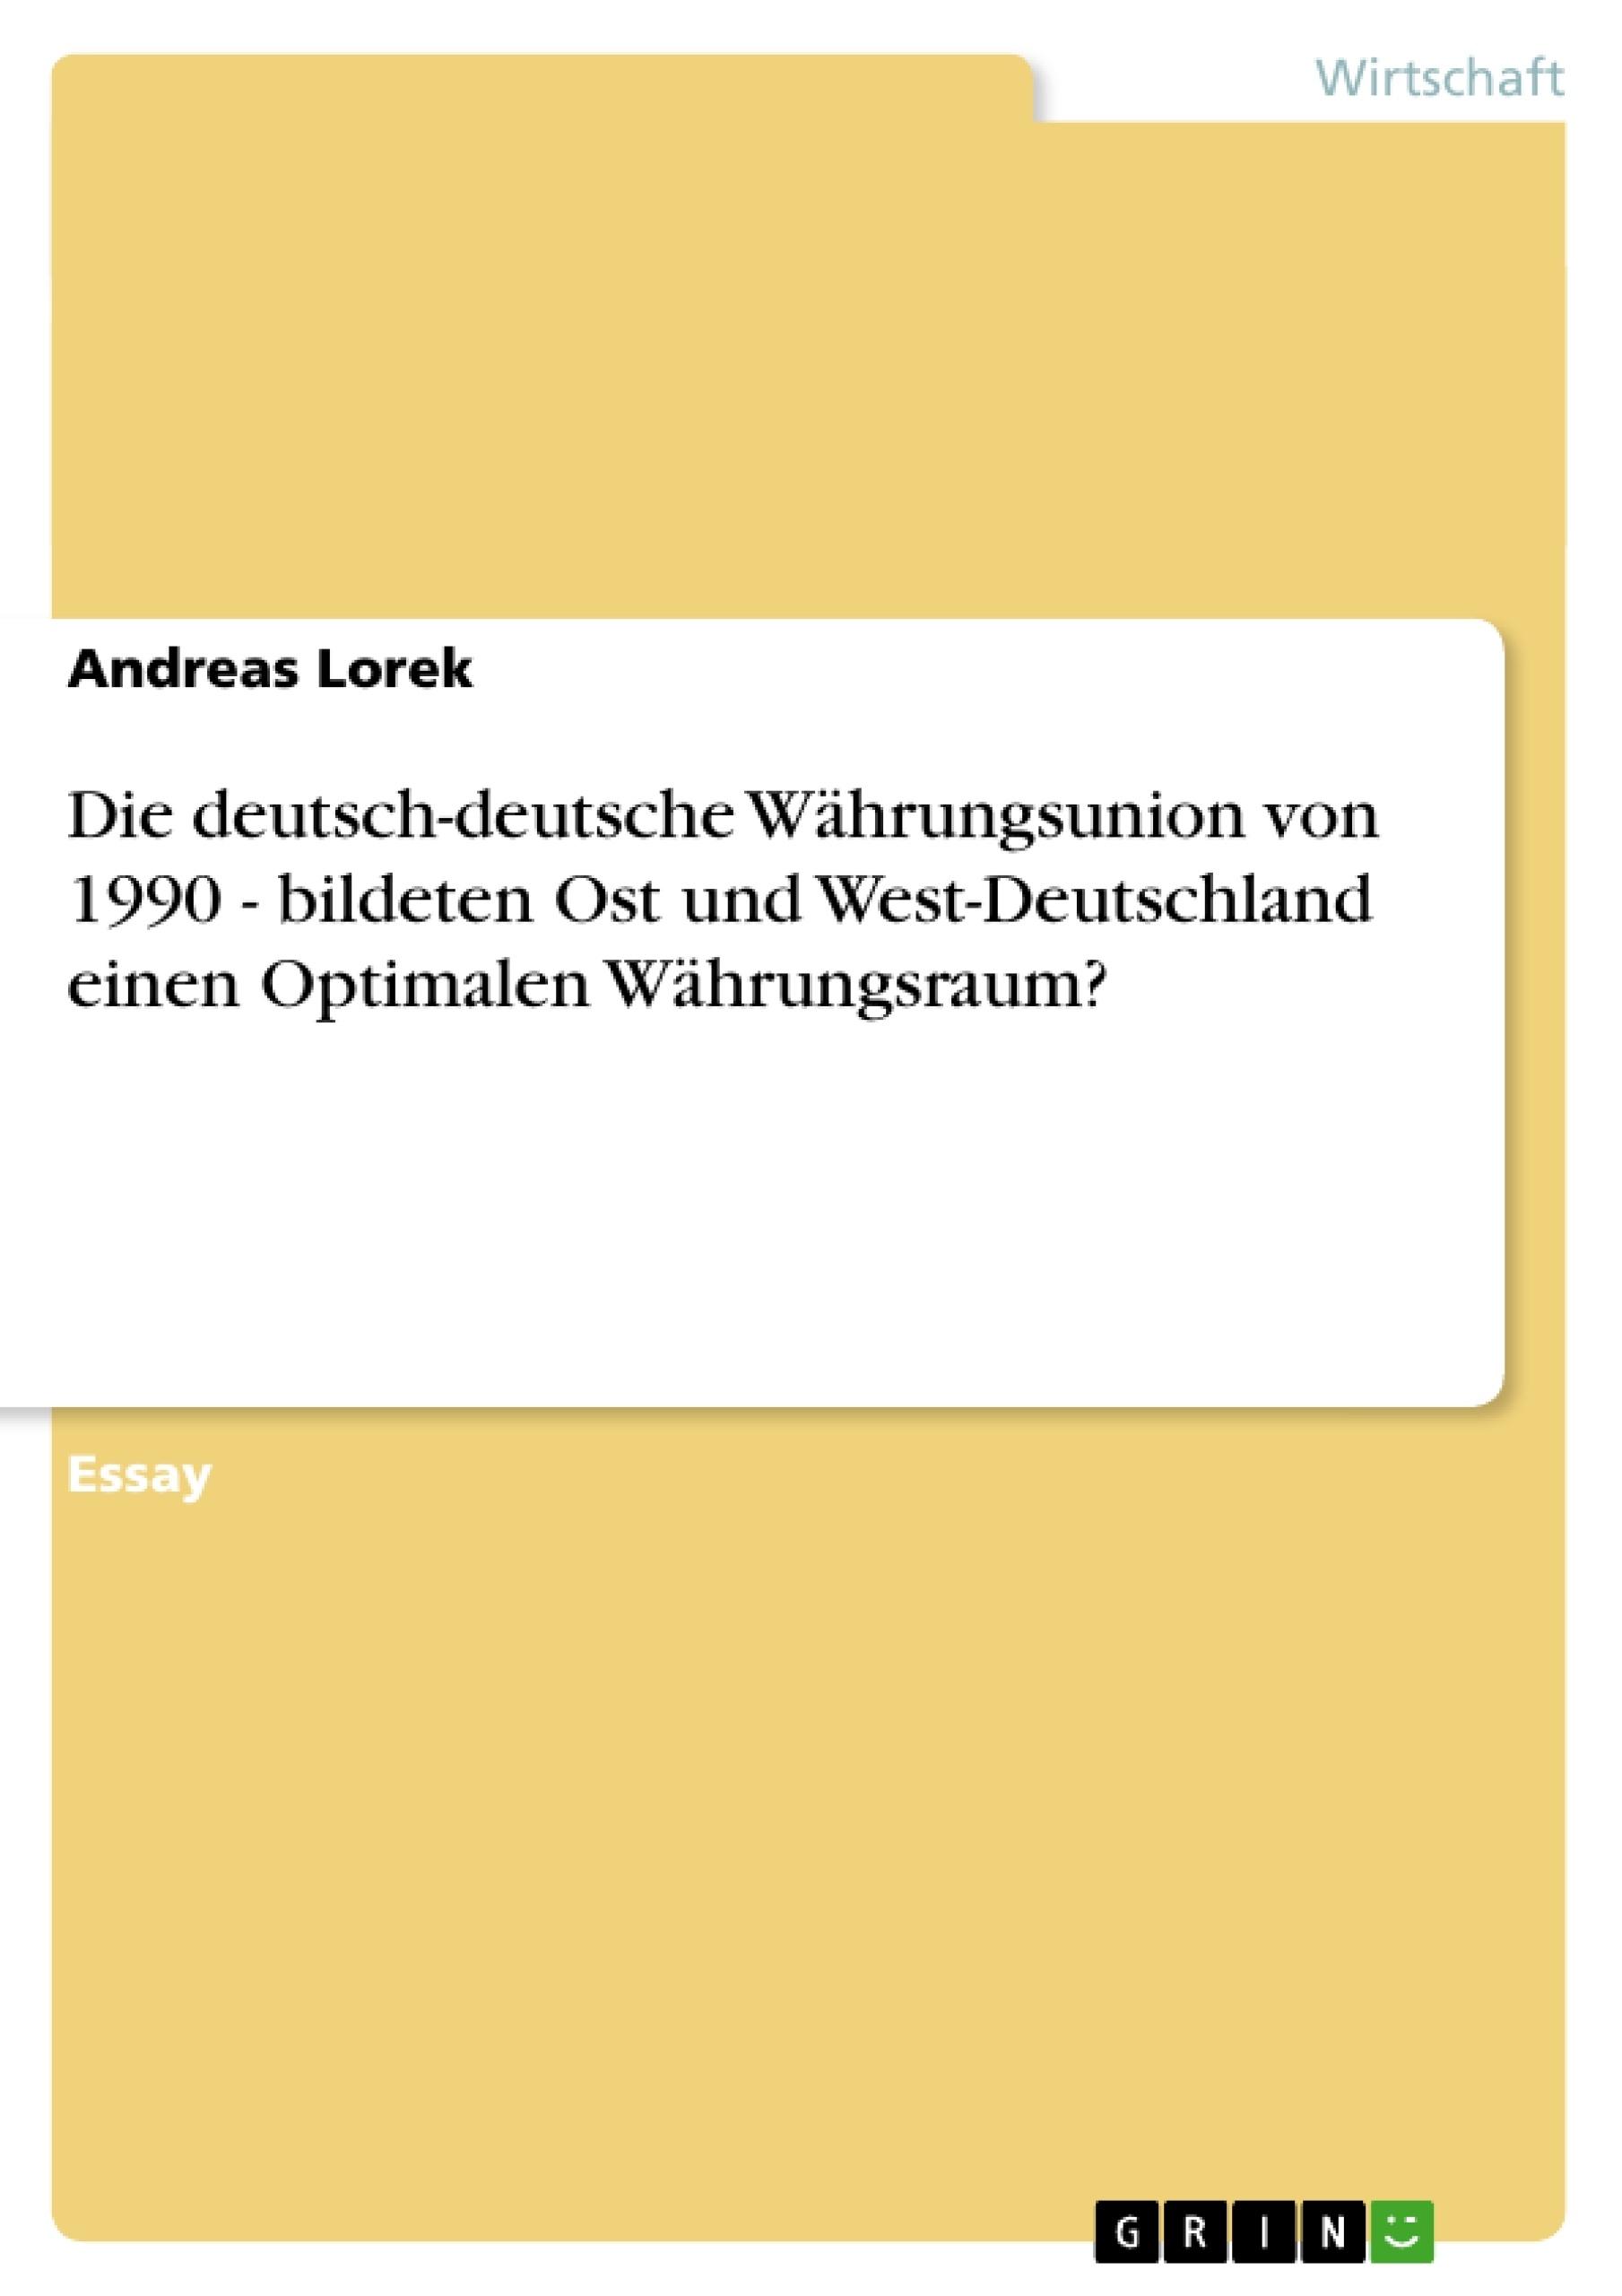 Titel: Die deutsch-deutsche Währungsunion von 1990 - bildeten Ost und West-Deutschland einen Optimalen Währungsraum?